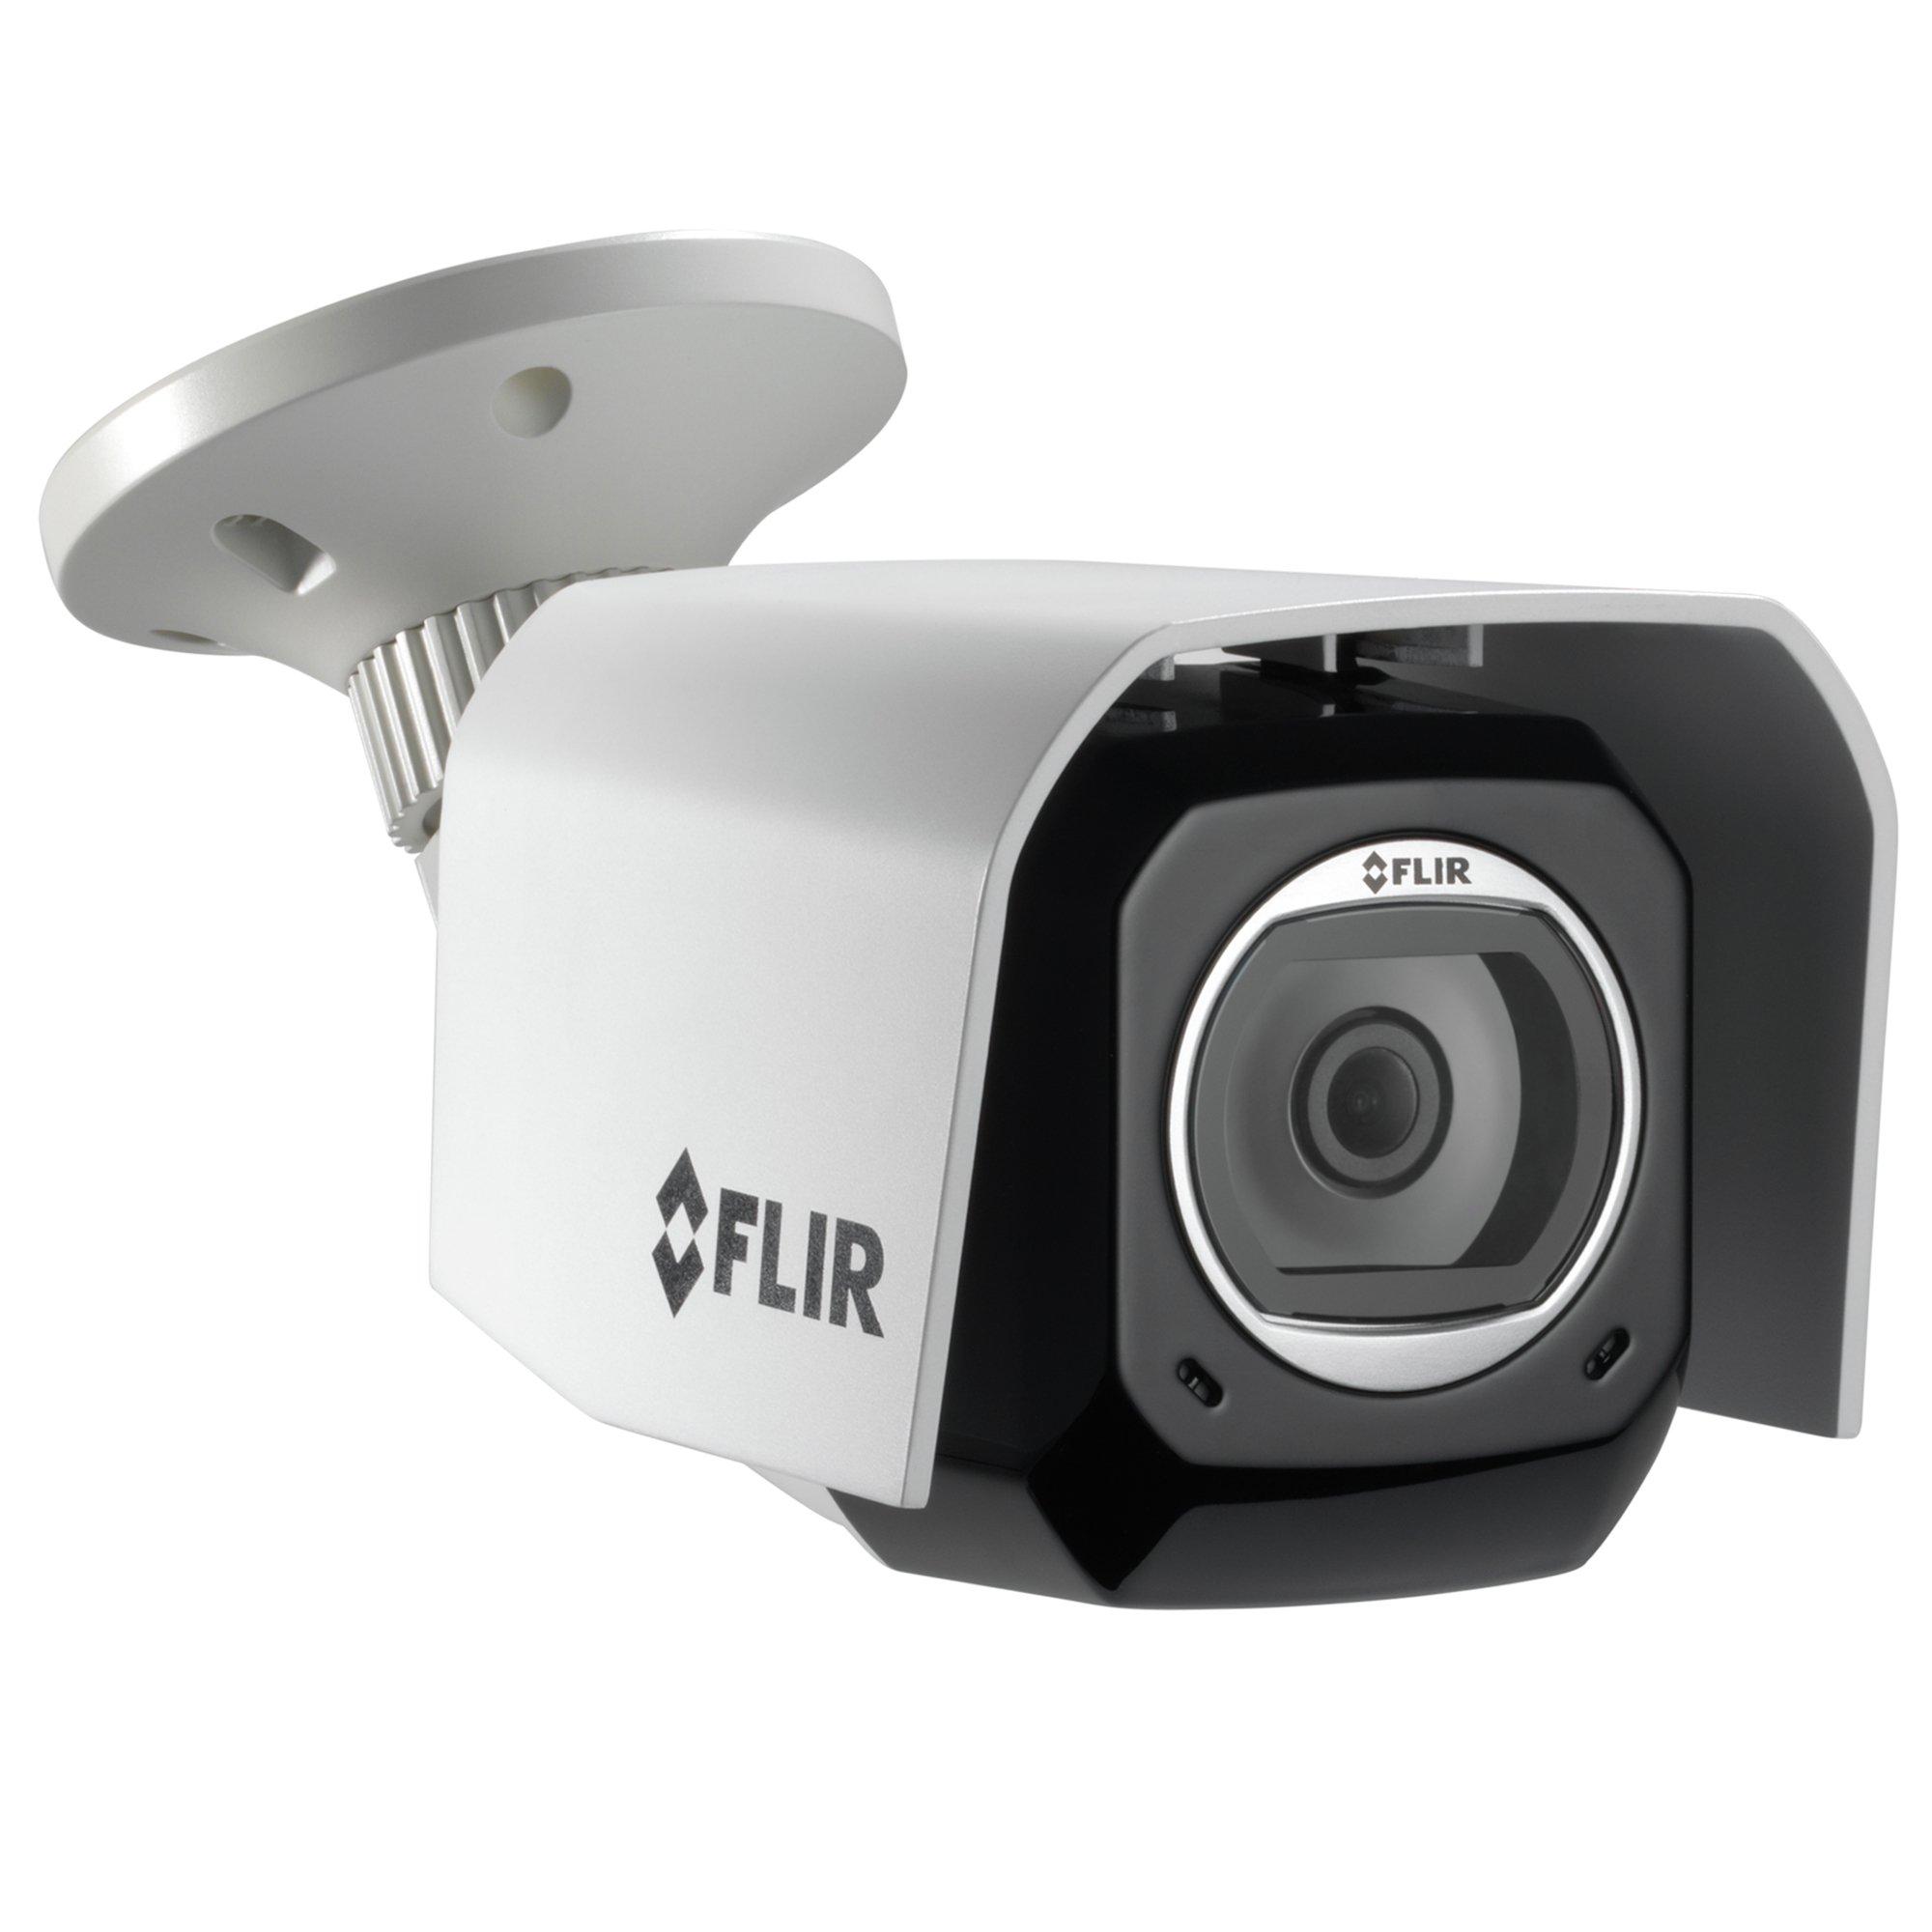 FLIR - FX FXAW01 Outdoor CCTV Camera Housing